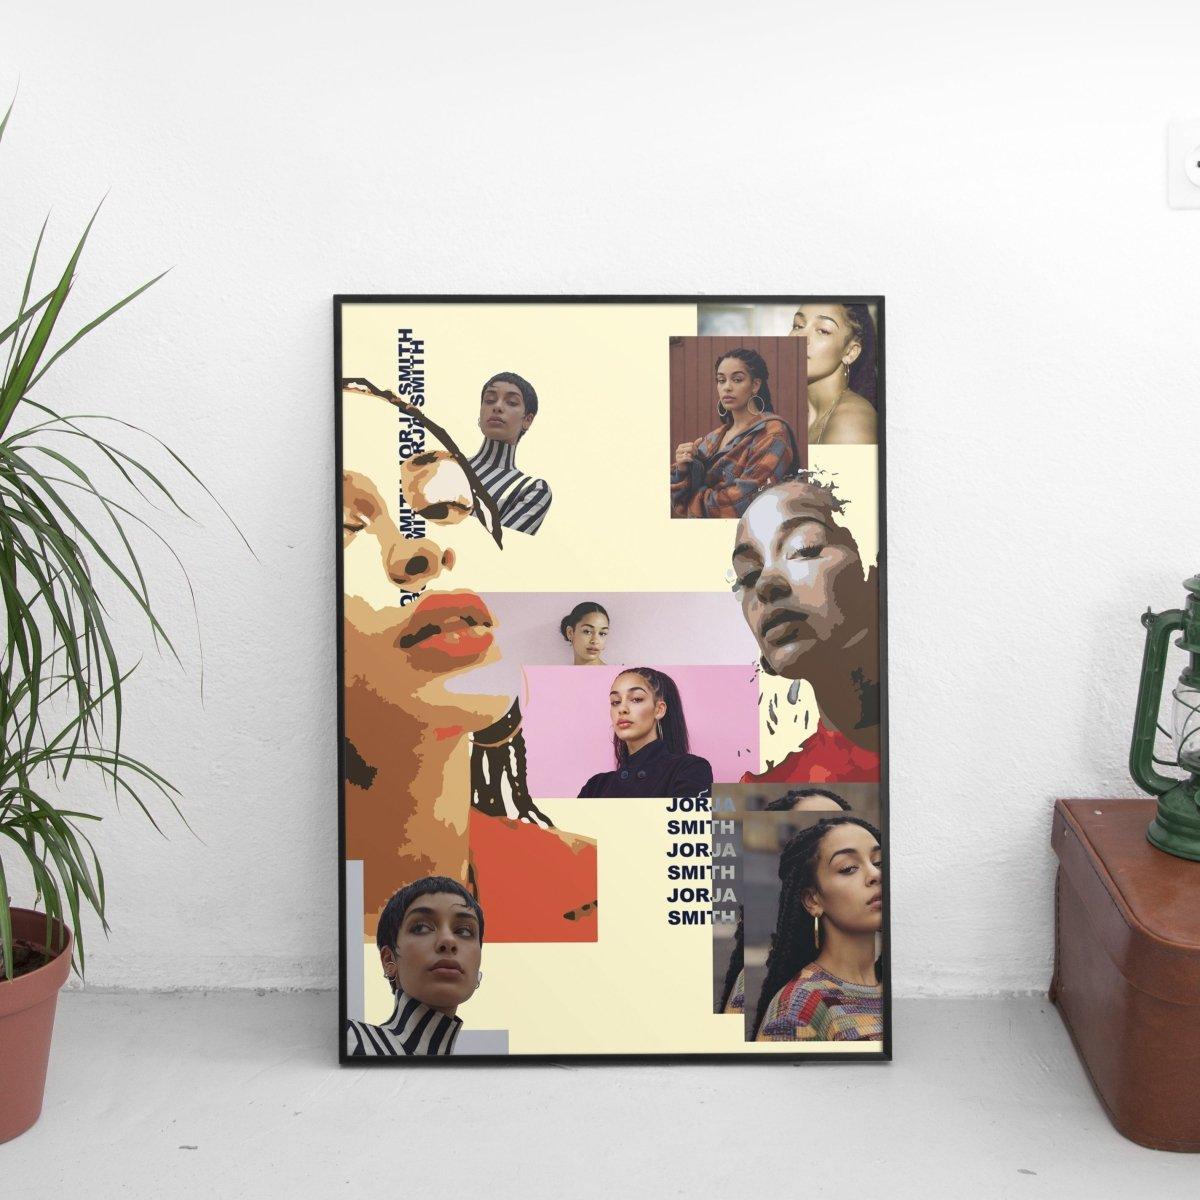 Jorja Smith Medley Poster